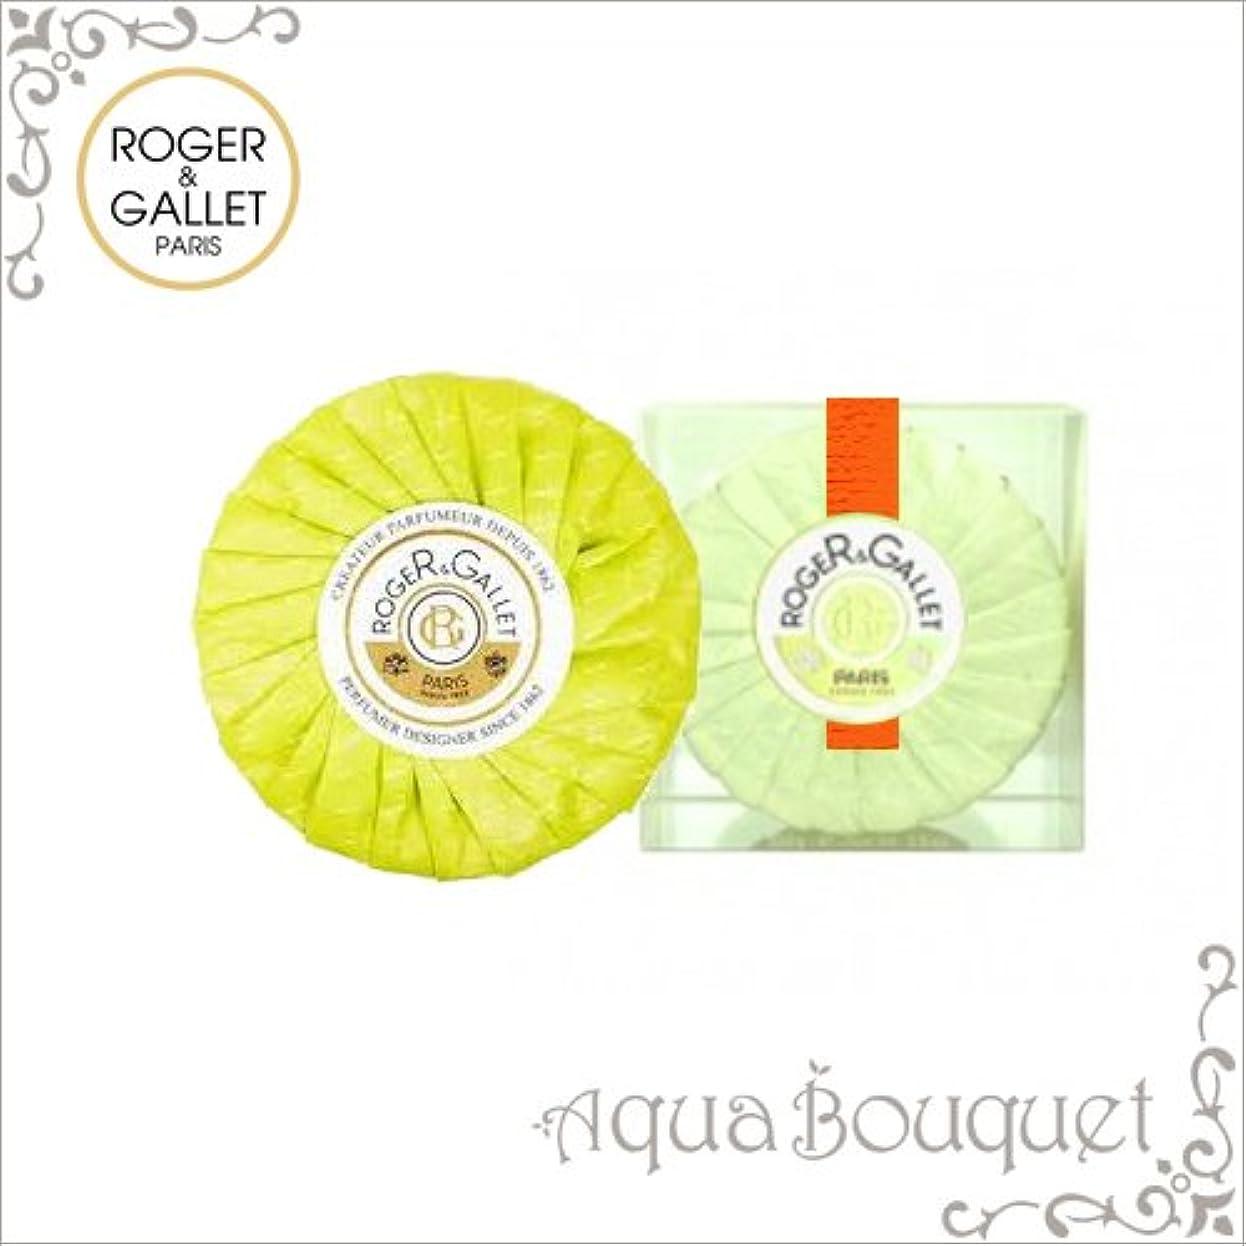 ストローお風呂を持っている特別なロジェガレ オスマンティウスパフューム 香水石鹸 100g ROGER&GALLET FLEUR D'OSMANTHUS PERFUMED SOAP [1278](プラスチック簡易ケース入り) [並行輸入品]